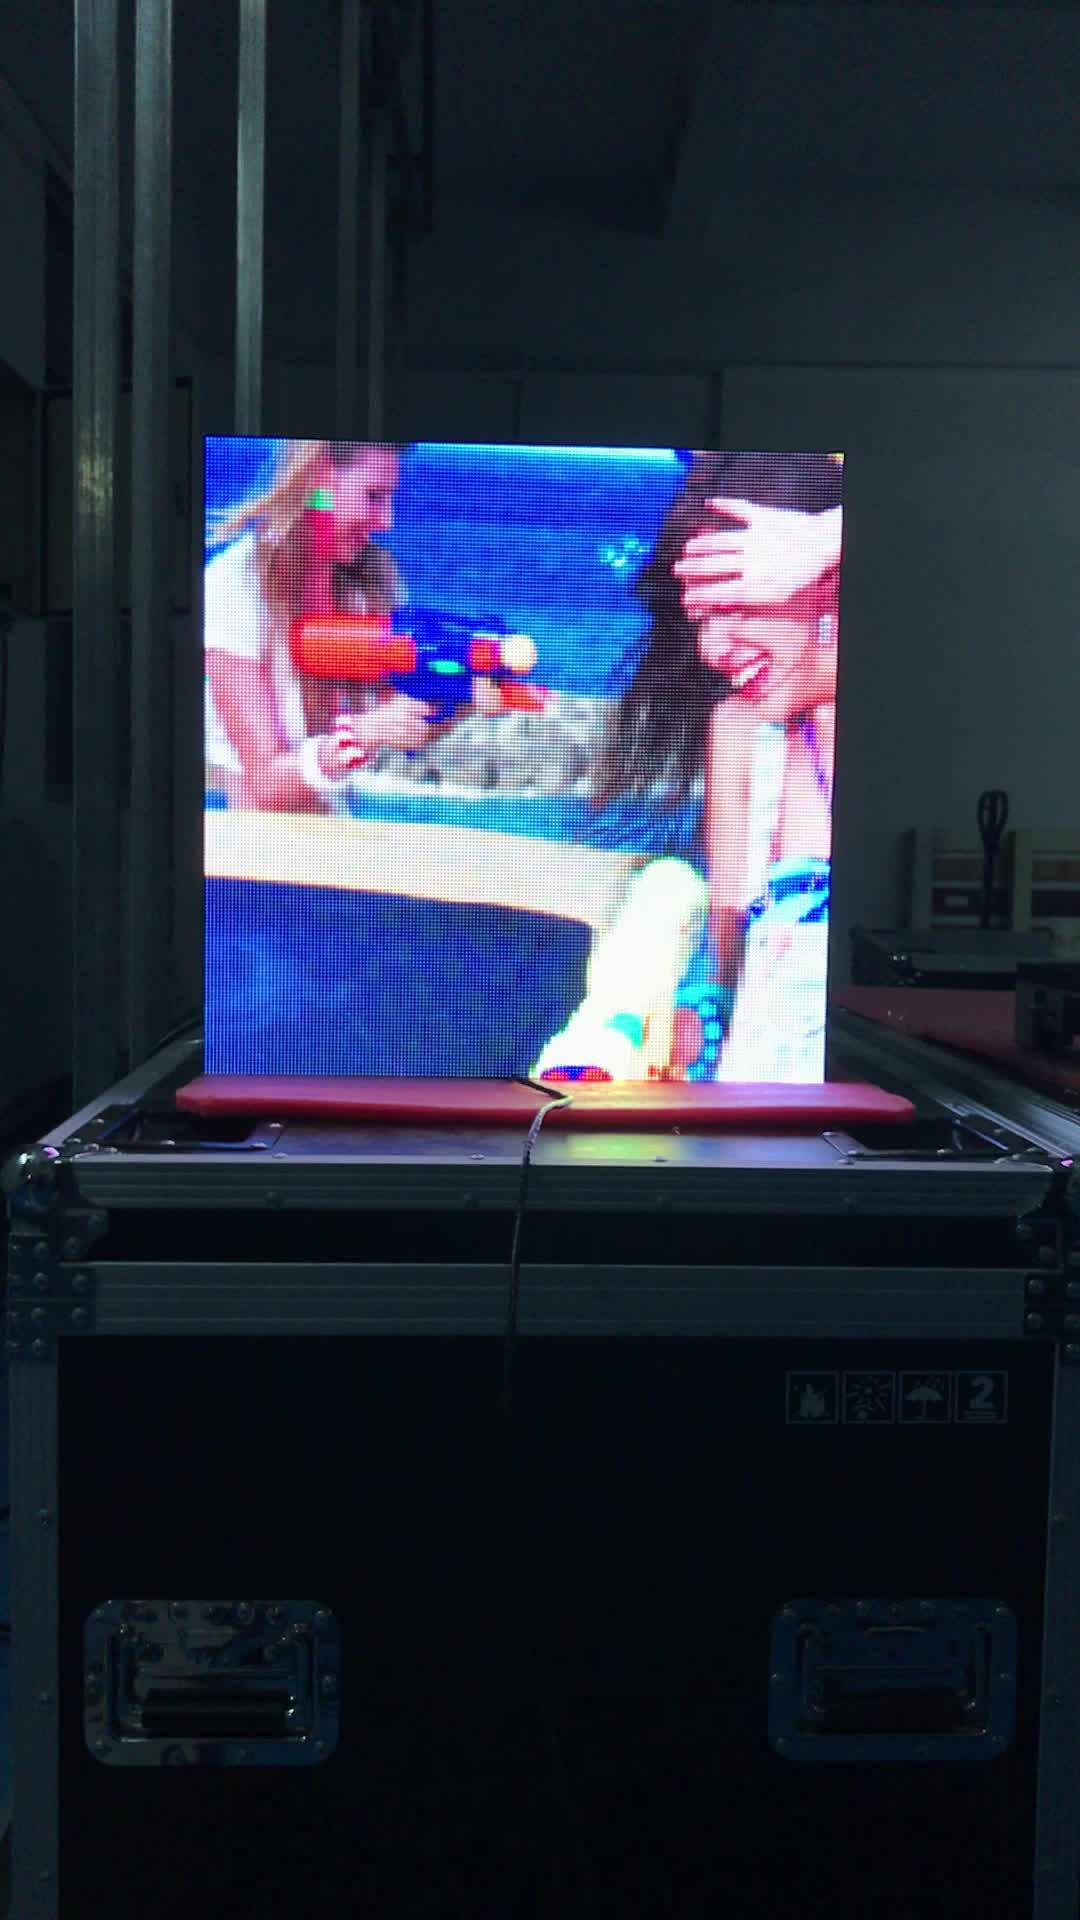 Tv Lcd a led del pannello dello schermo di tocco di HD interni display a led da parete montato p2 p3 p4 p5 interni parete video a led